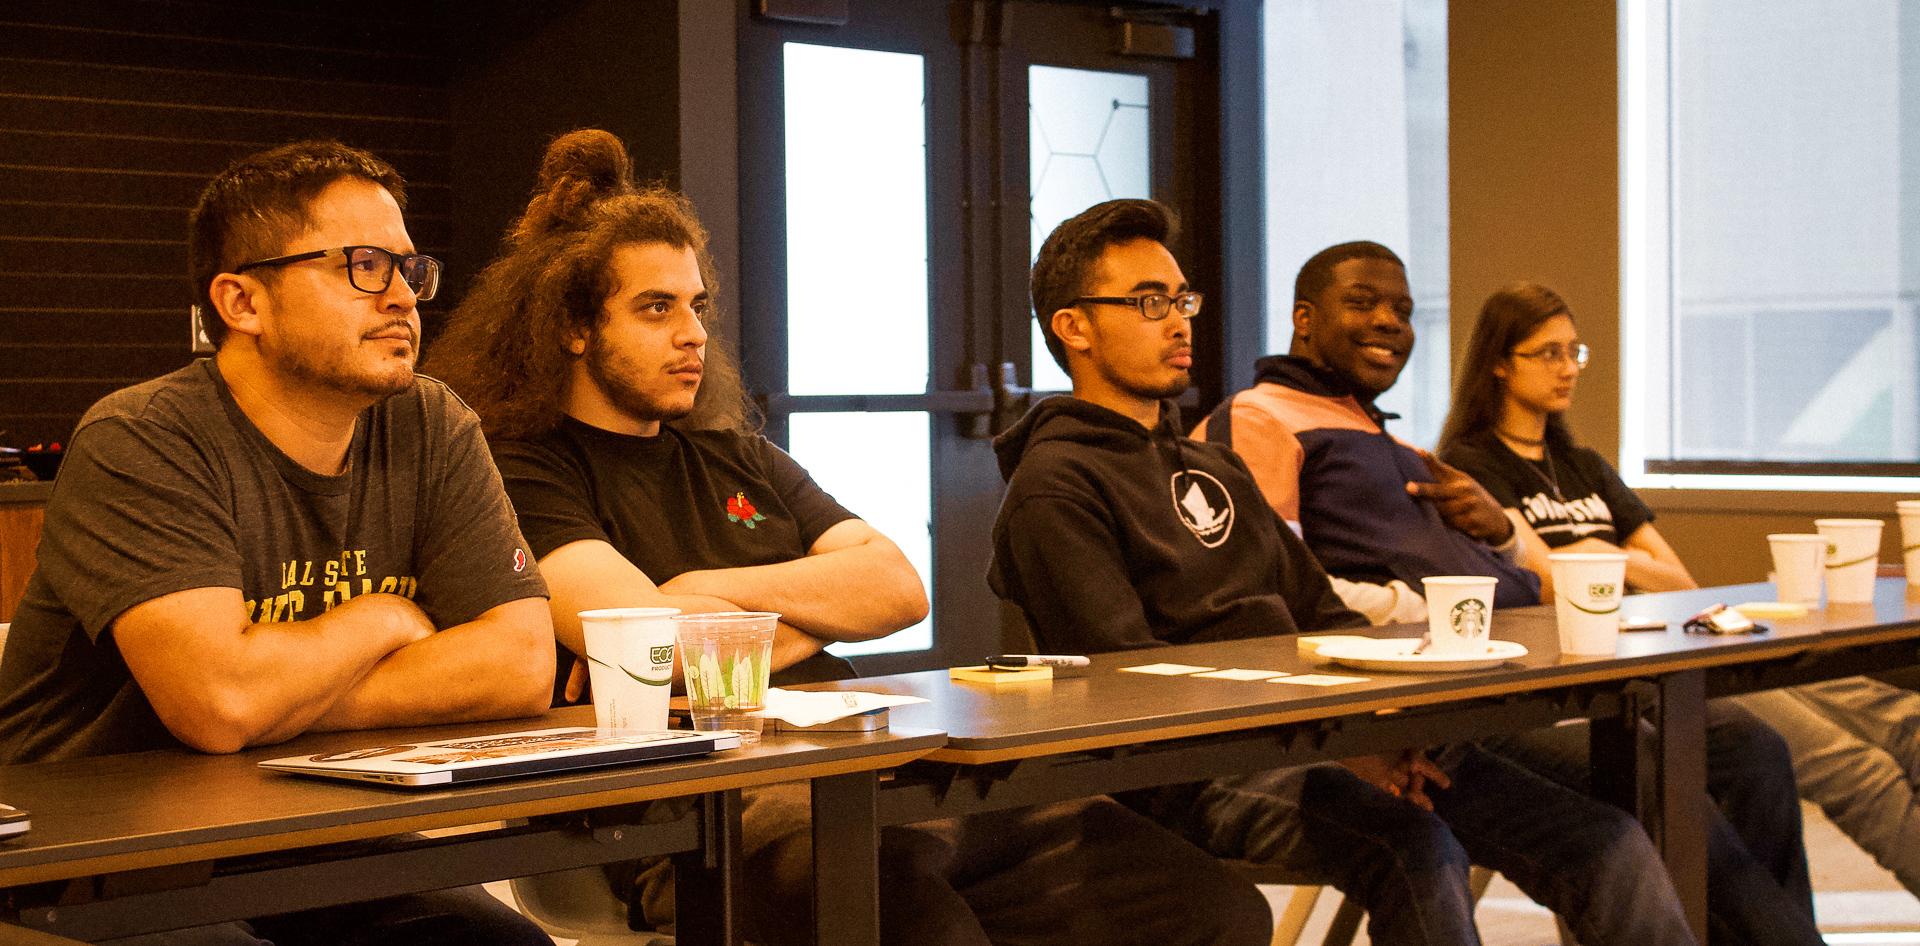 """L-R: Deputy Director Paul Laughlin, Amr """"ZAG"""" Awwad, Teaching Artist and Program Coordinator Matt Sablan, Zoser Dunbar (cheesing), Mirabai Kukathas"""